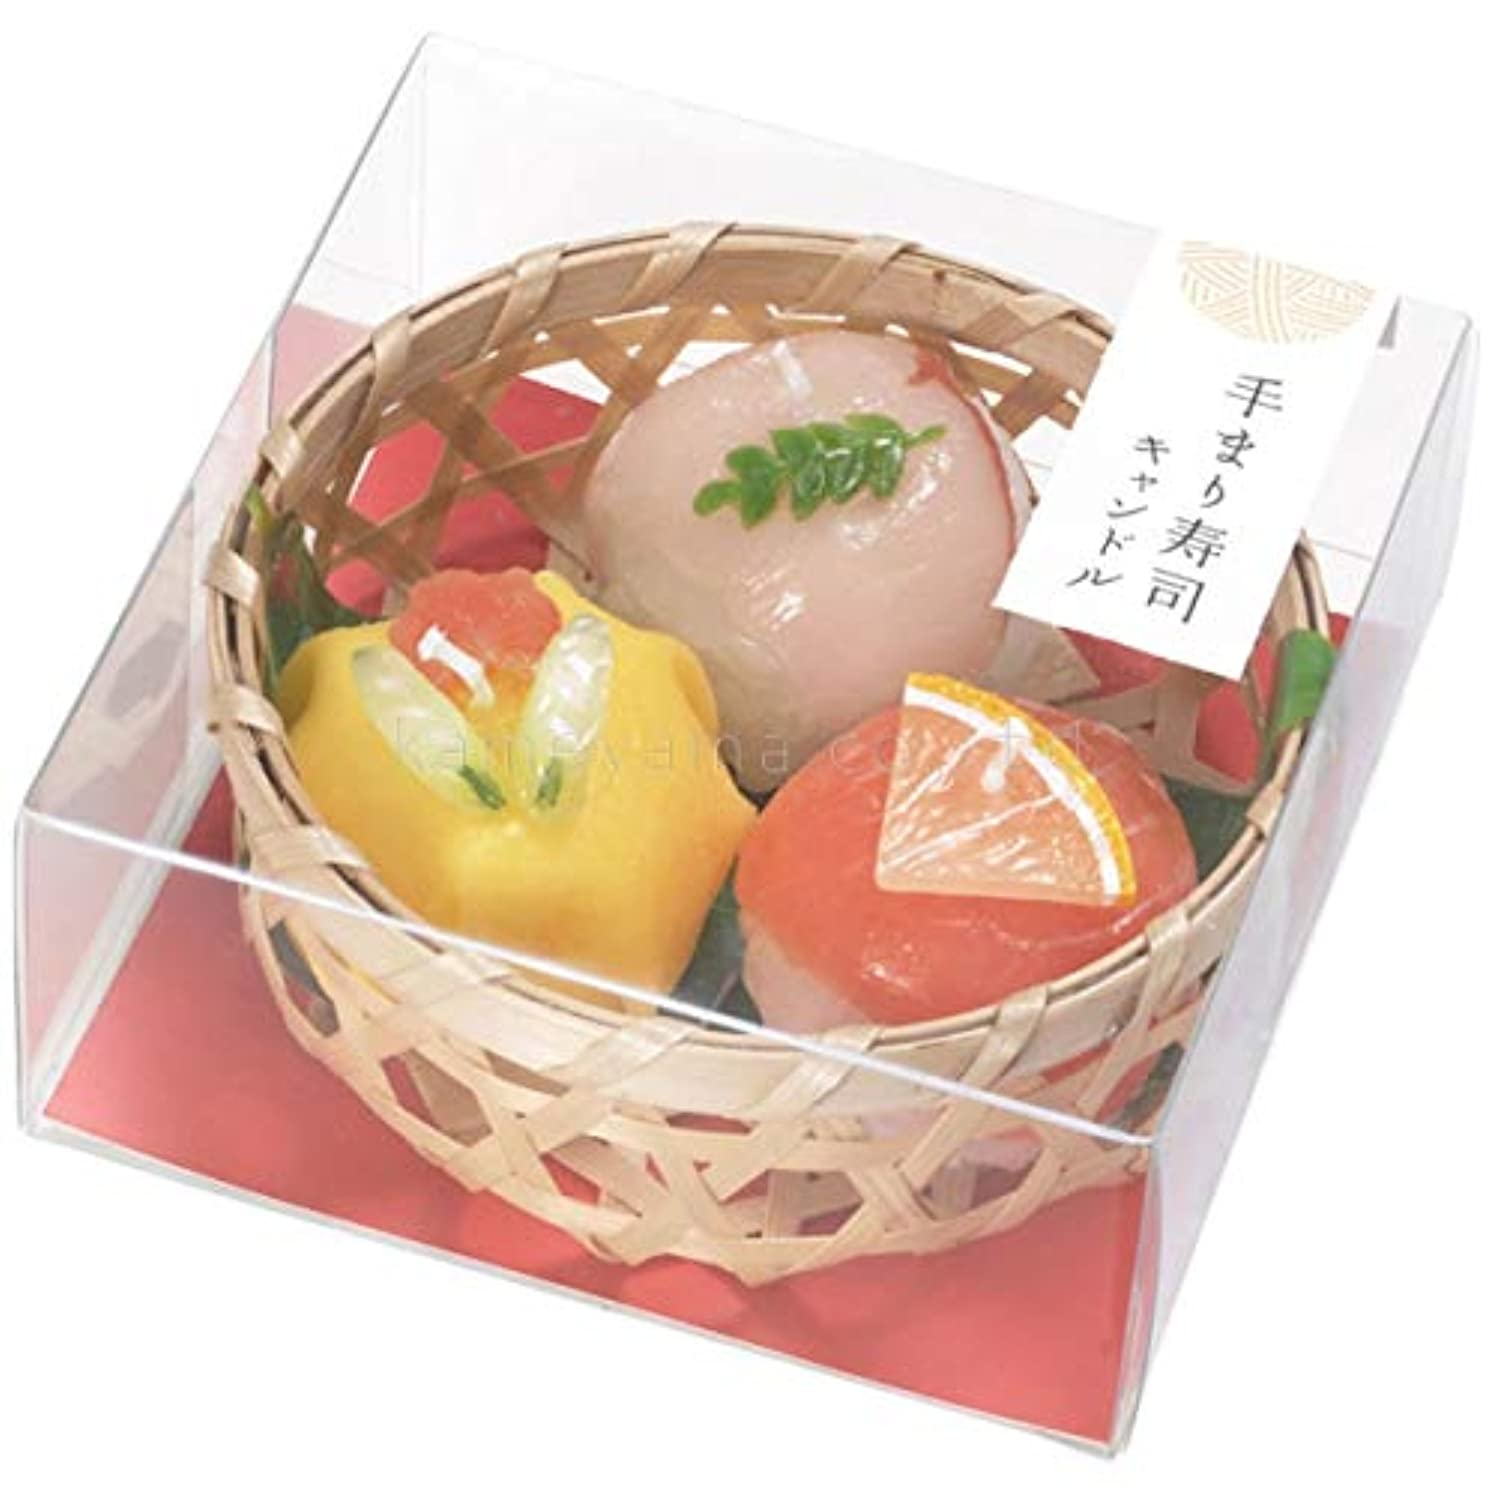 引退したタンク群集手まり寿司キャンドル (故人の好物シリーズ)